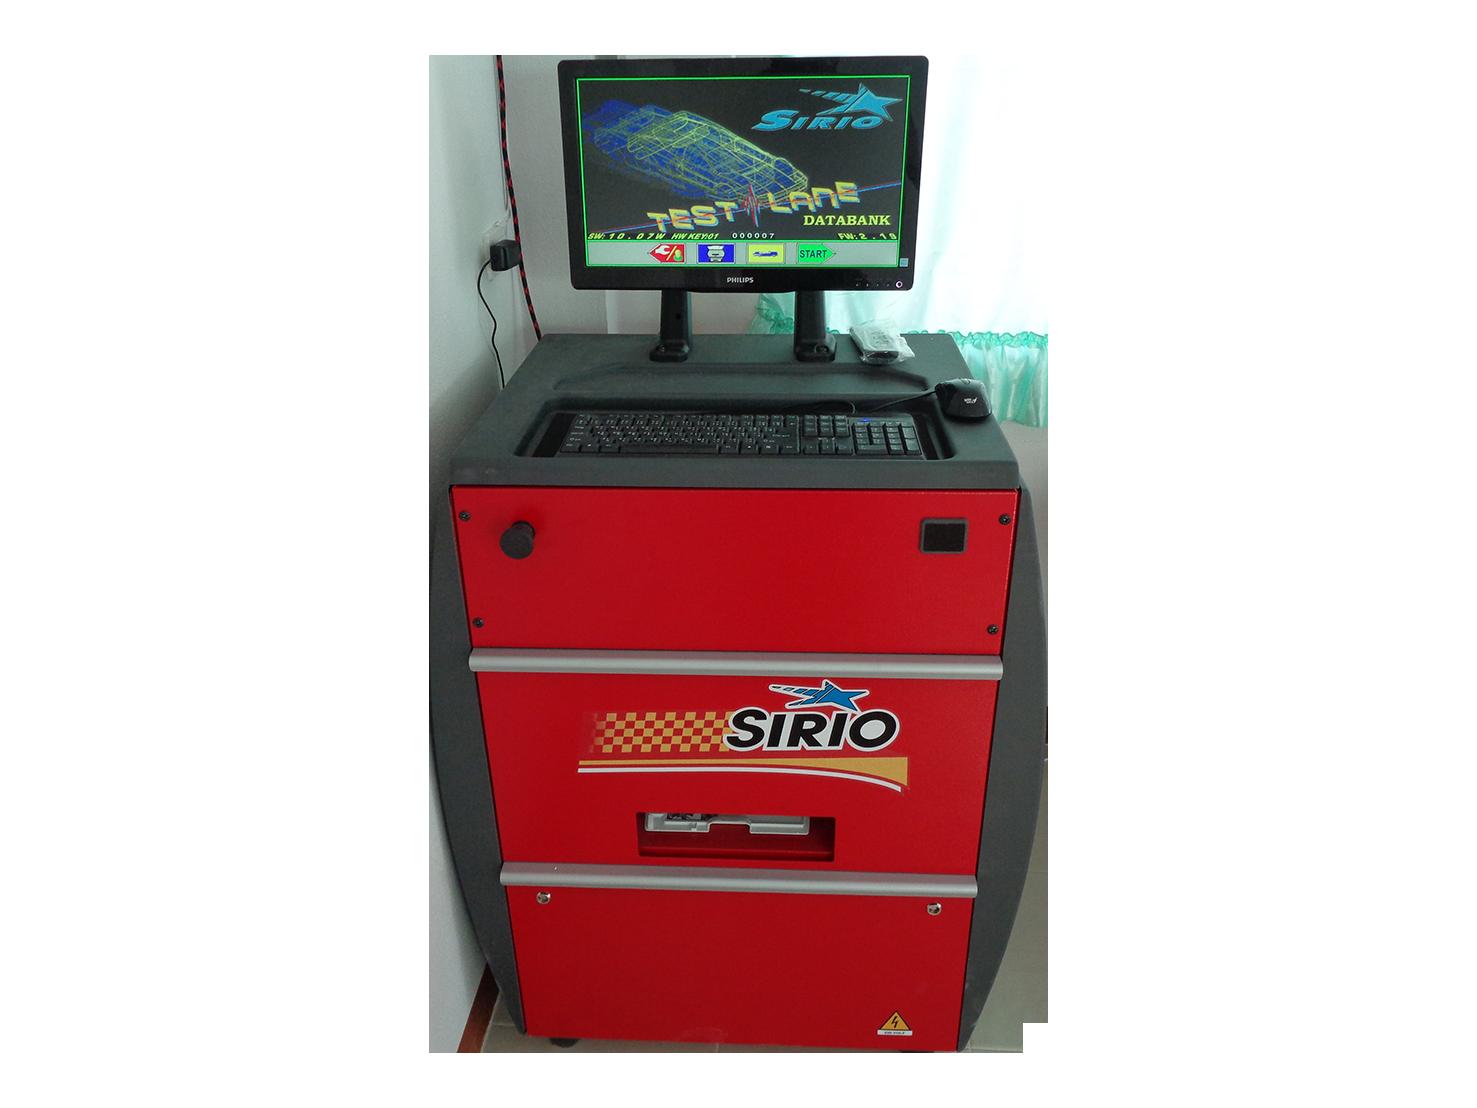 ชุดควบคุมเครื่องทดสอบเบรกและศูนย์ล้อ SIRT009l4SE